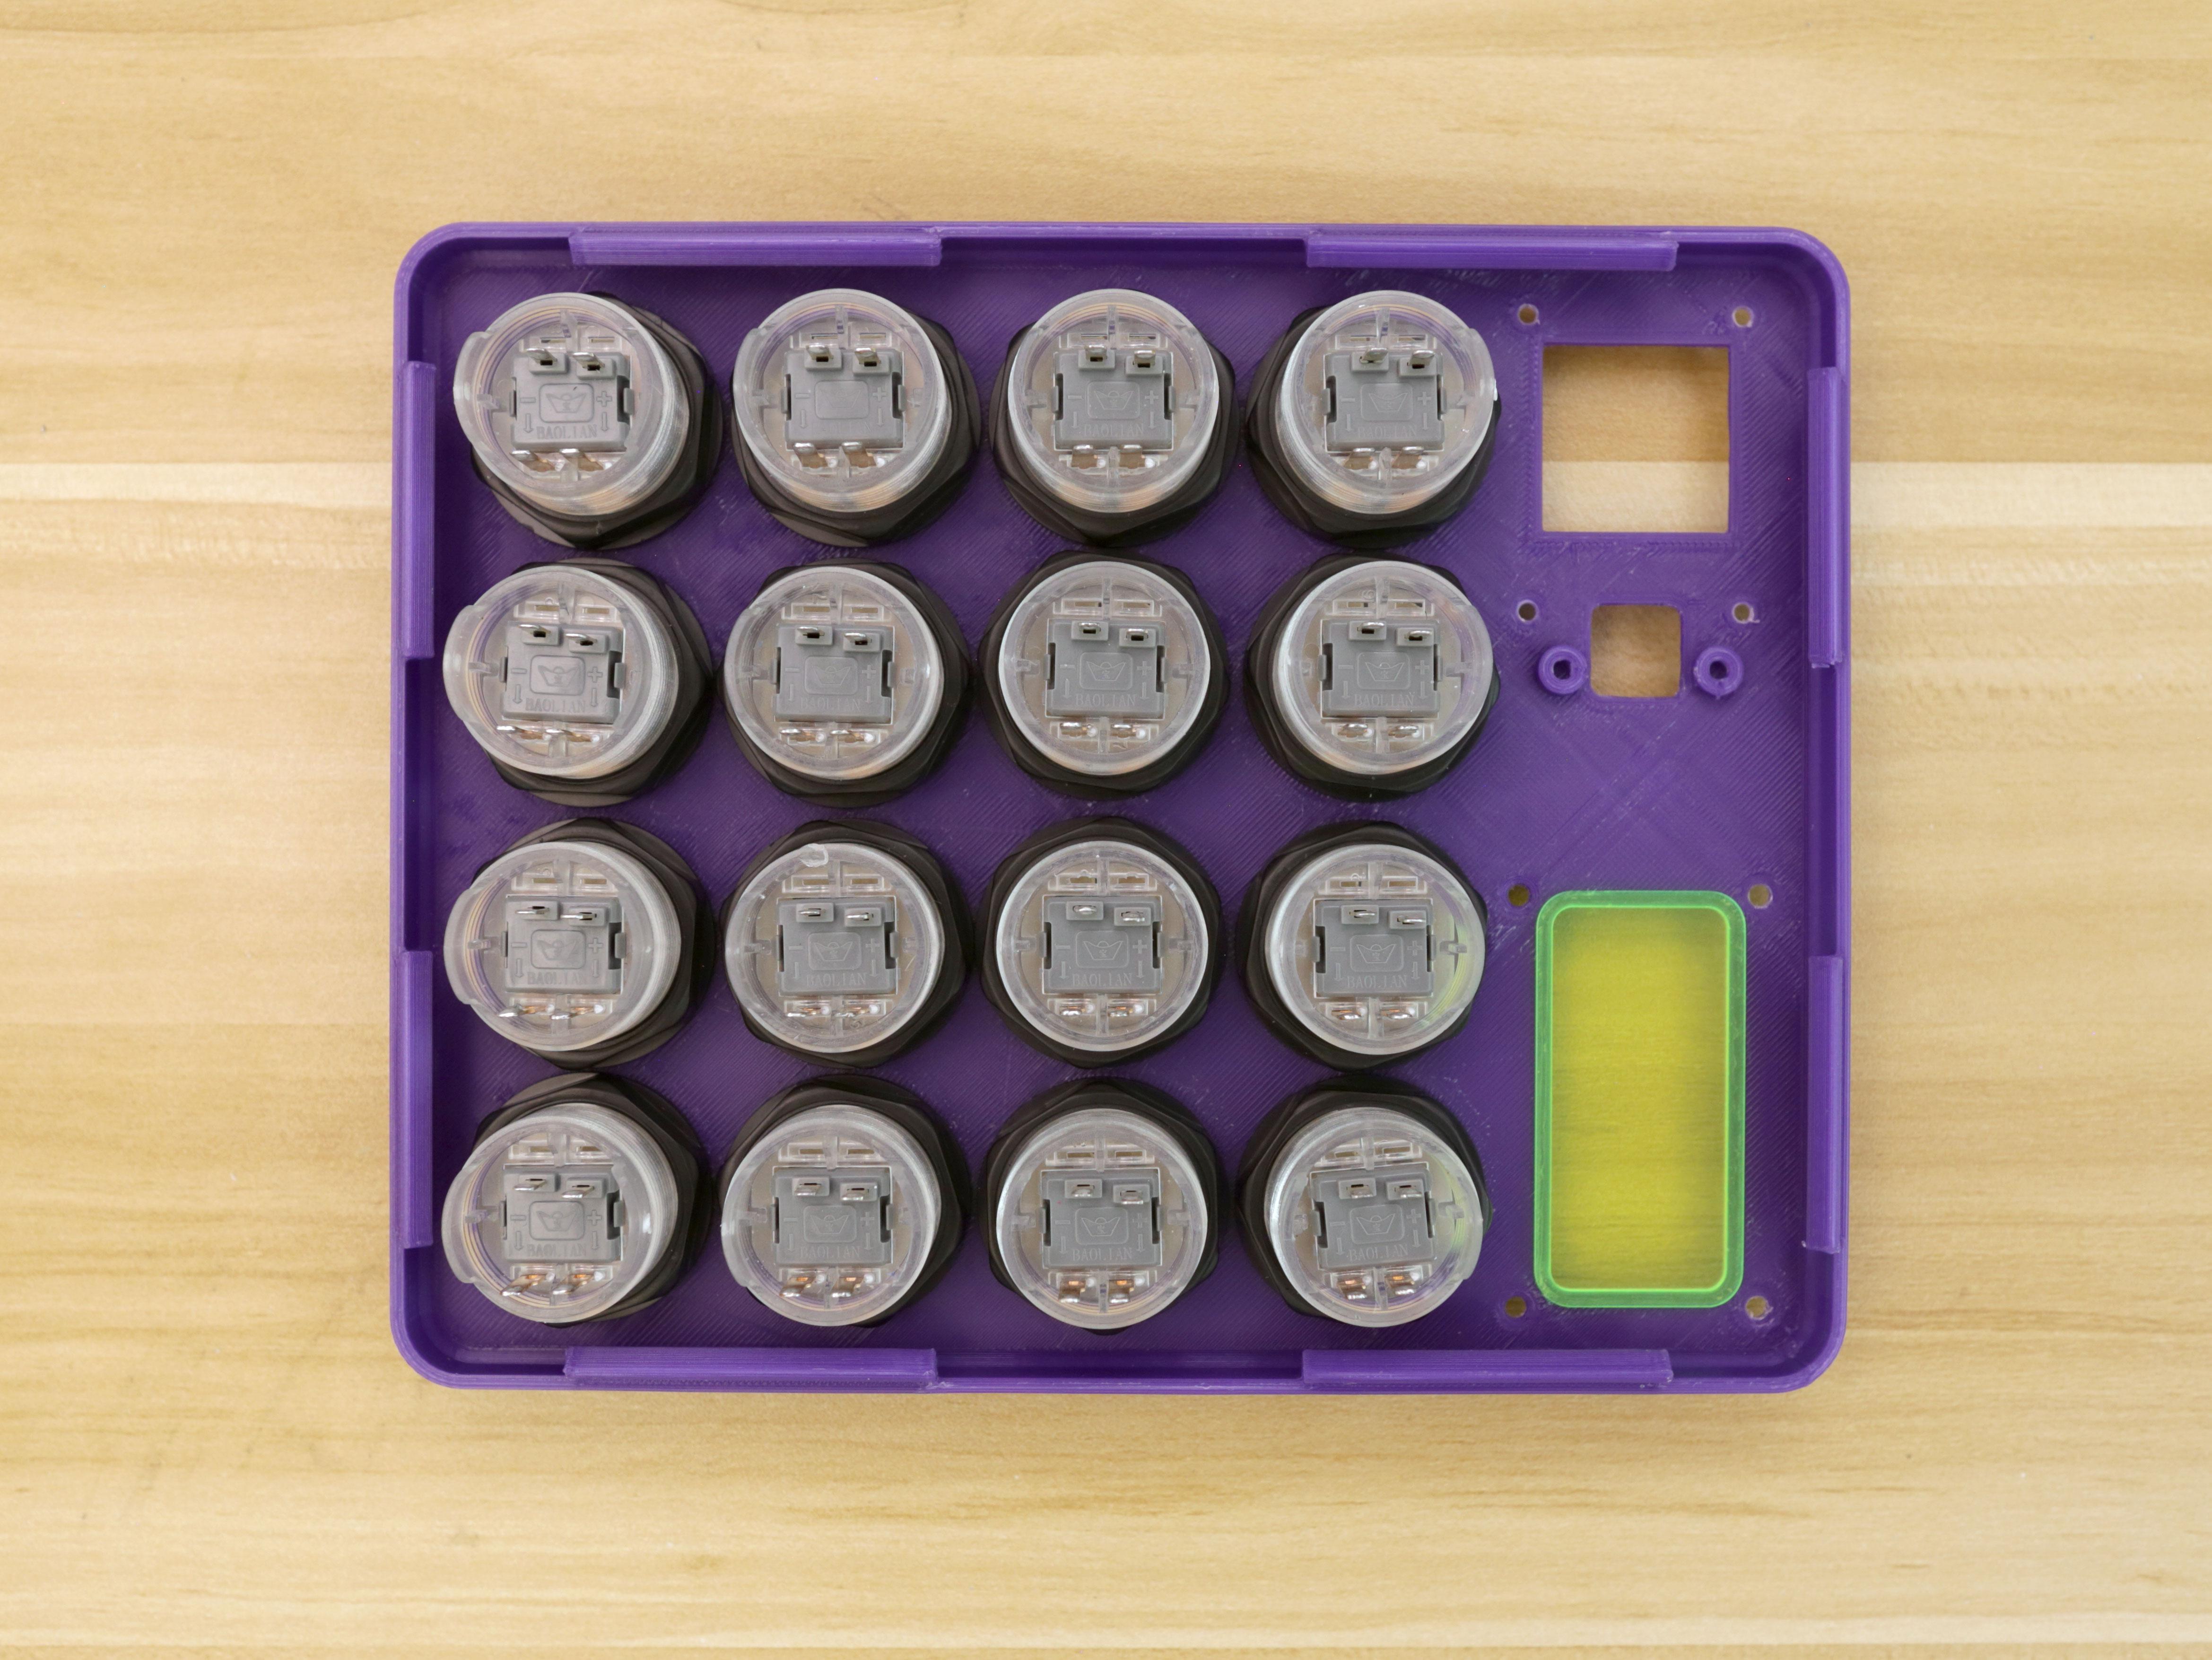 3d_printing_buttons-sixteen-installed.jpg